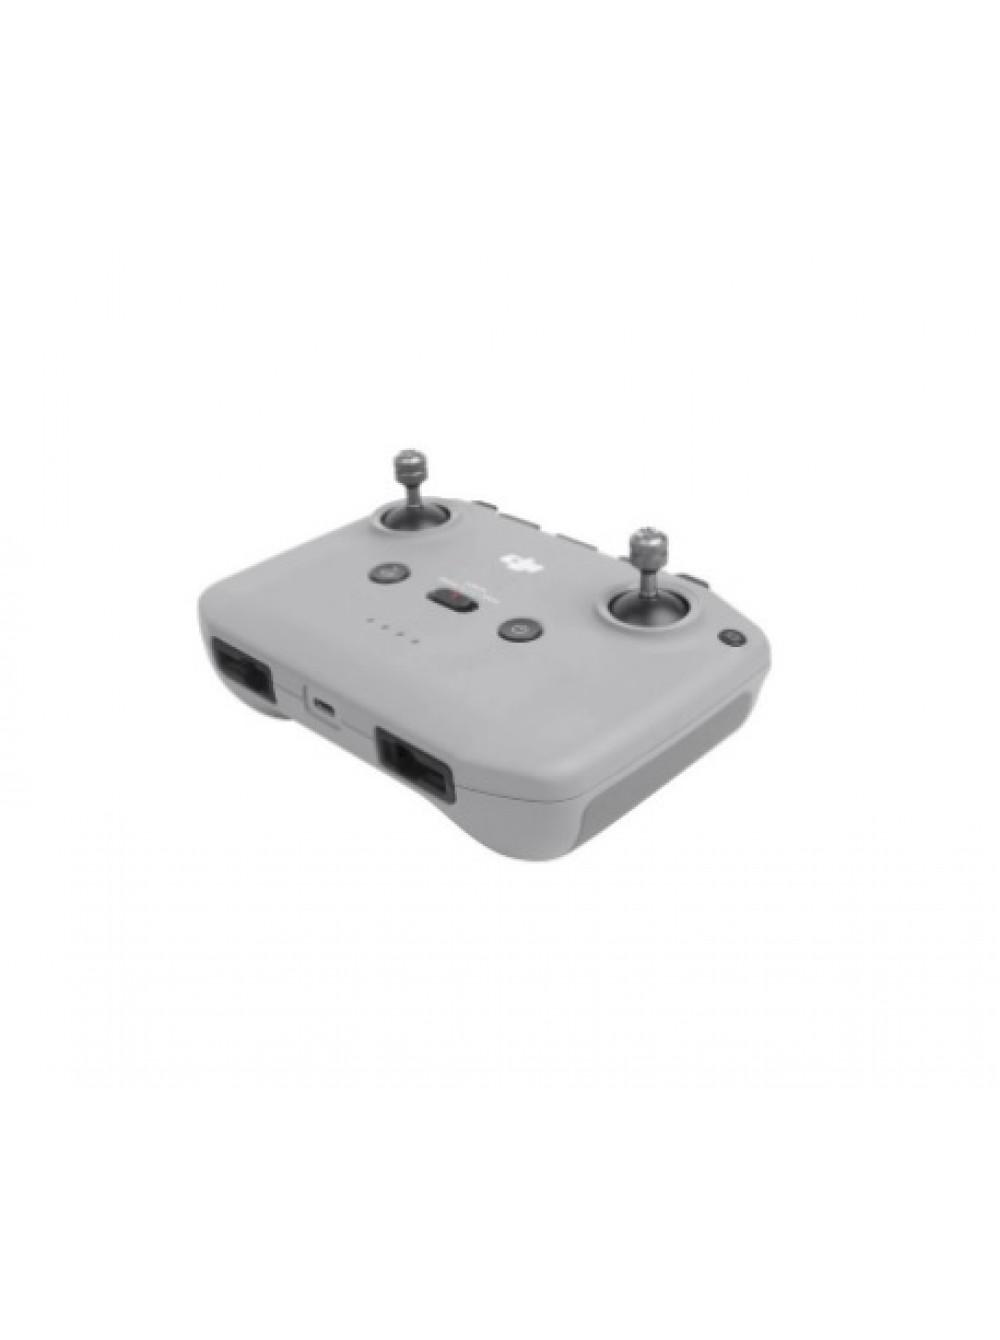 Алюминиевые джойстики Sunnylife для DJI Mavic Air 2 / Mini 2 (TY-YG9301)